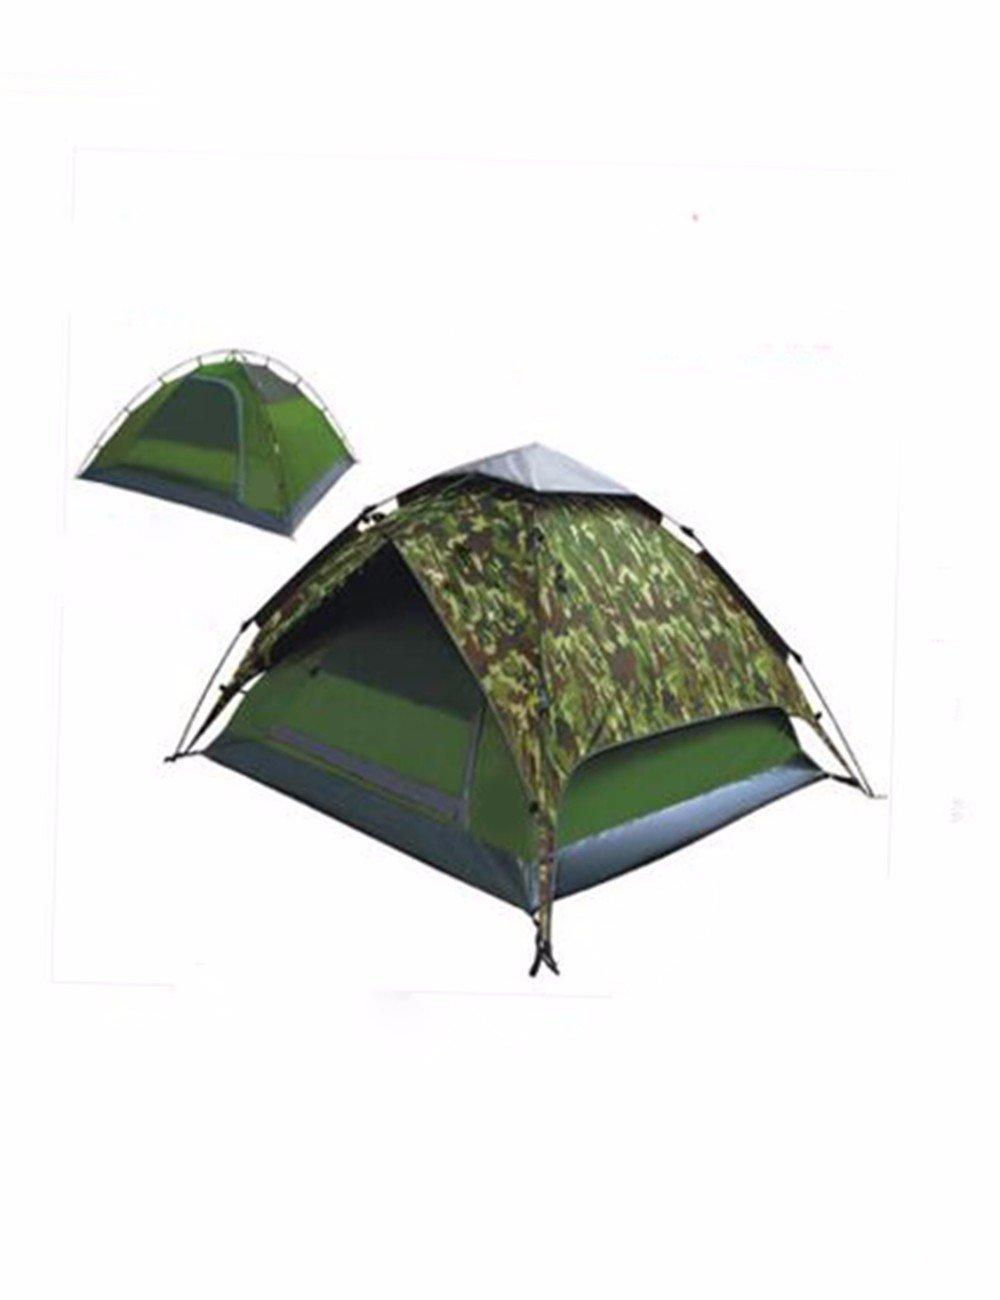 SJQKA-das zelt öffnet sich automatisch für eine minute, zelt für ein 3 - 4 personen, ein für campingplatz, sand storm strand,b 228541